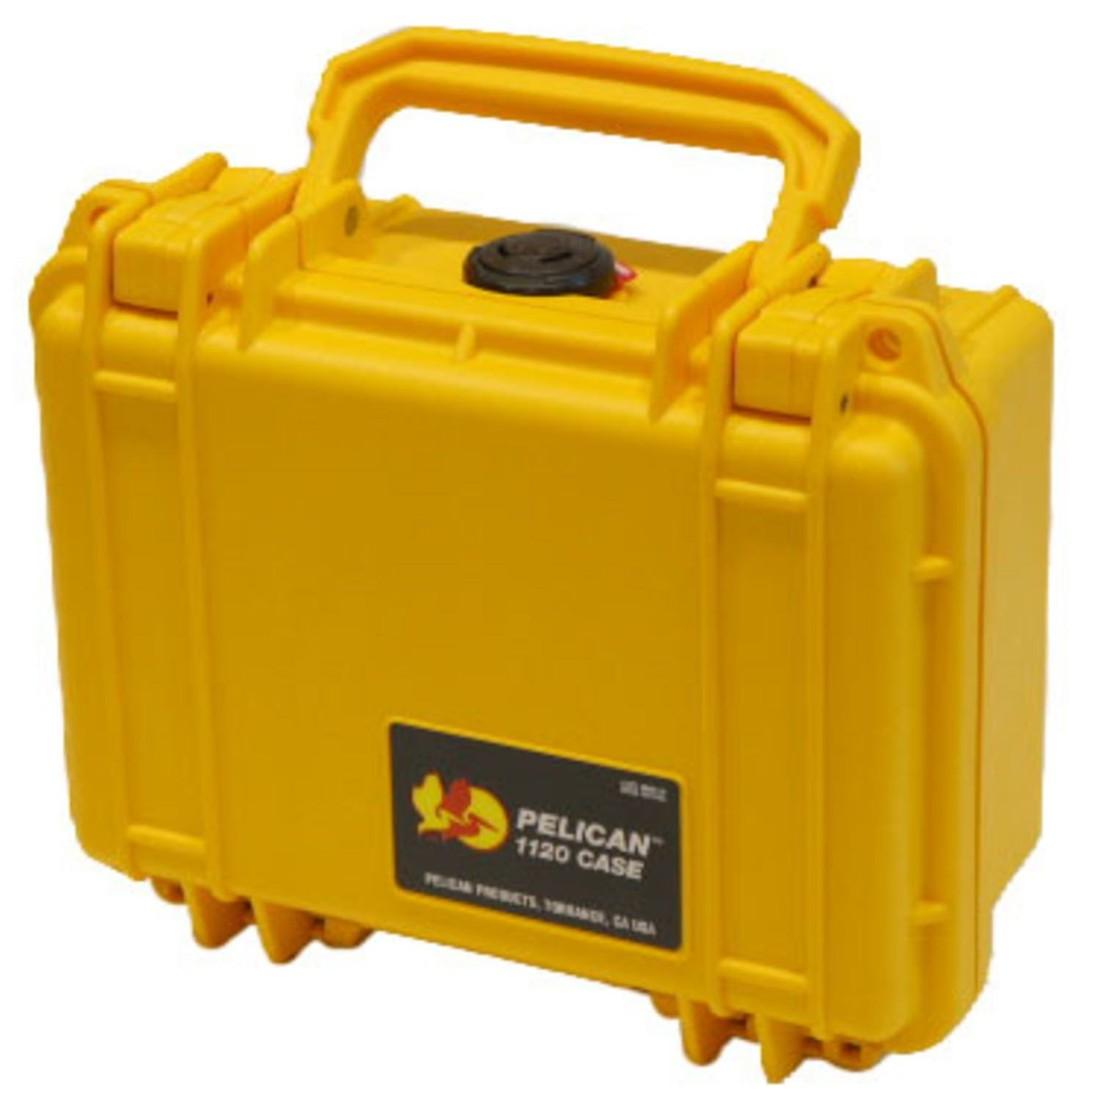 ペリカン 1120フォームN 防水ケース フォーム付  自社在庫品